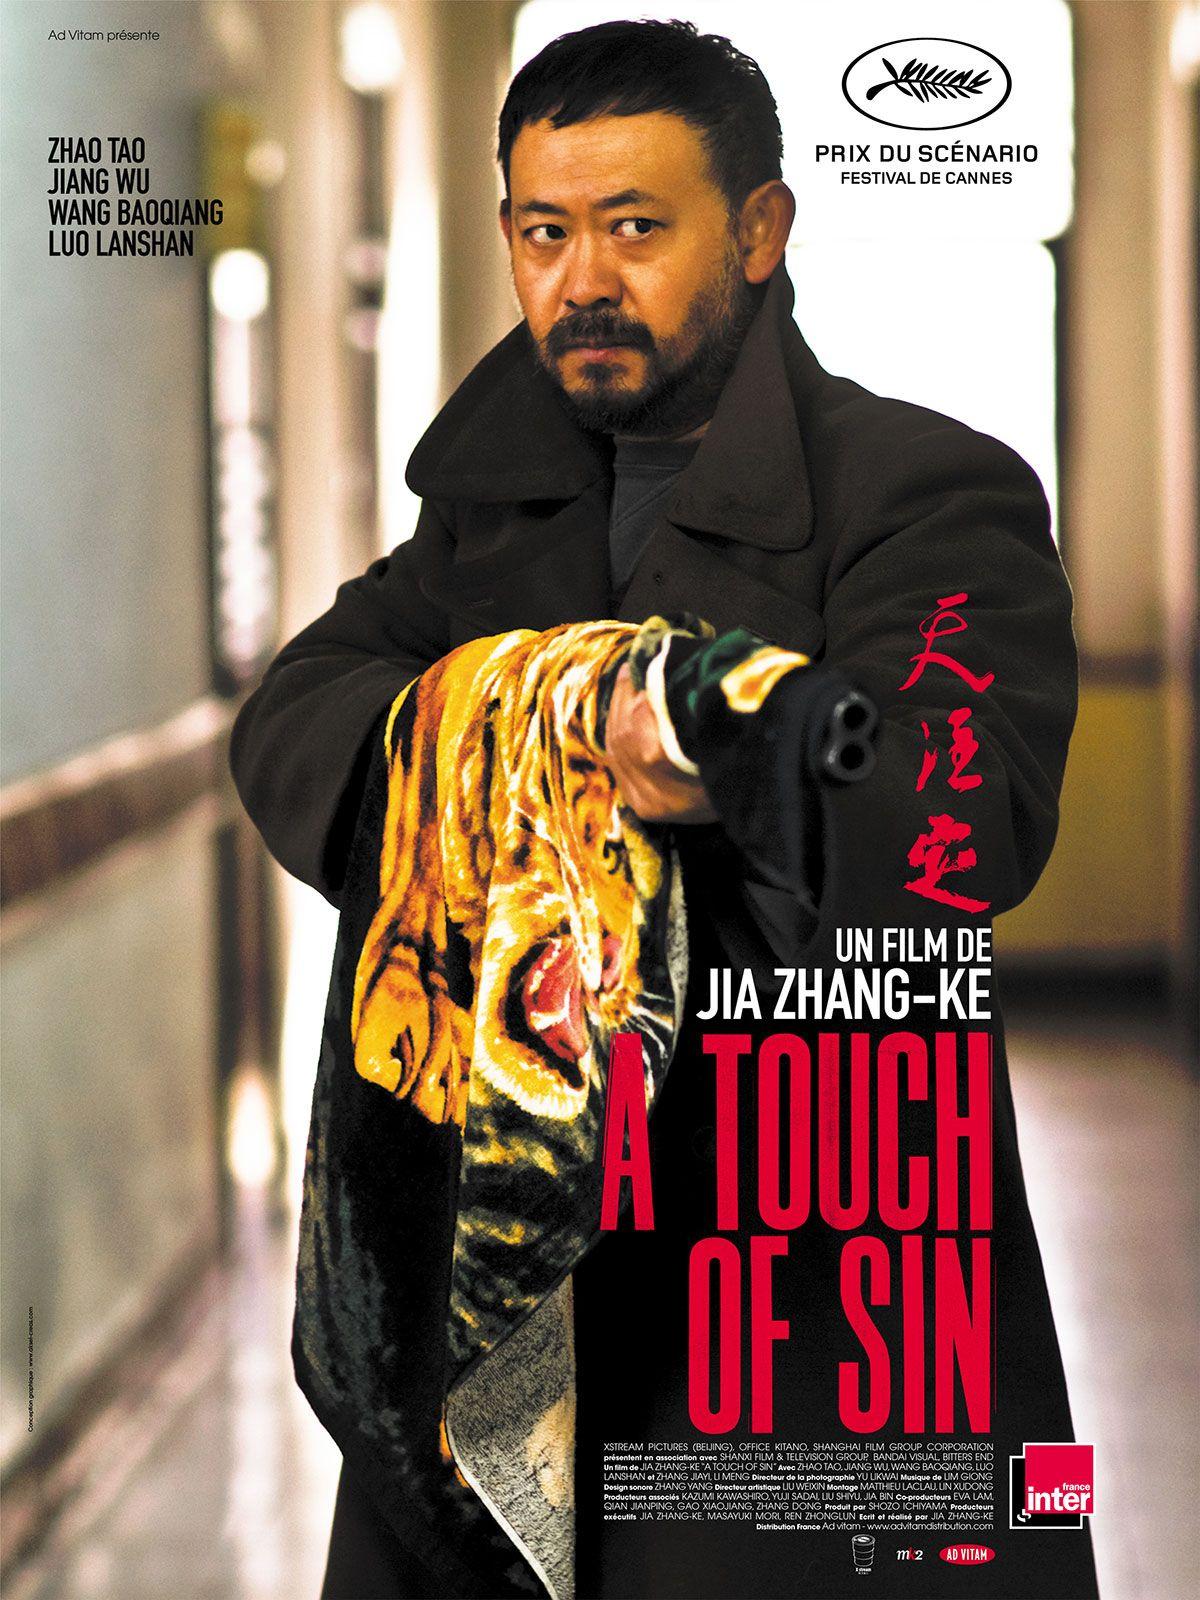 Votre dernier film visionné - Page 2 A_Touch_of_Sin